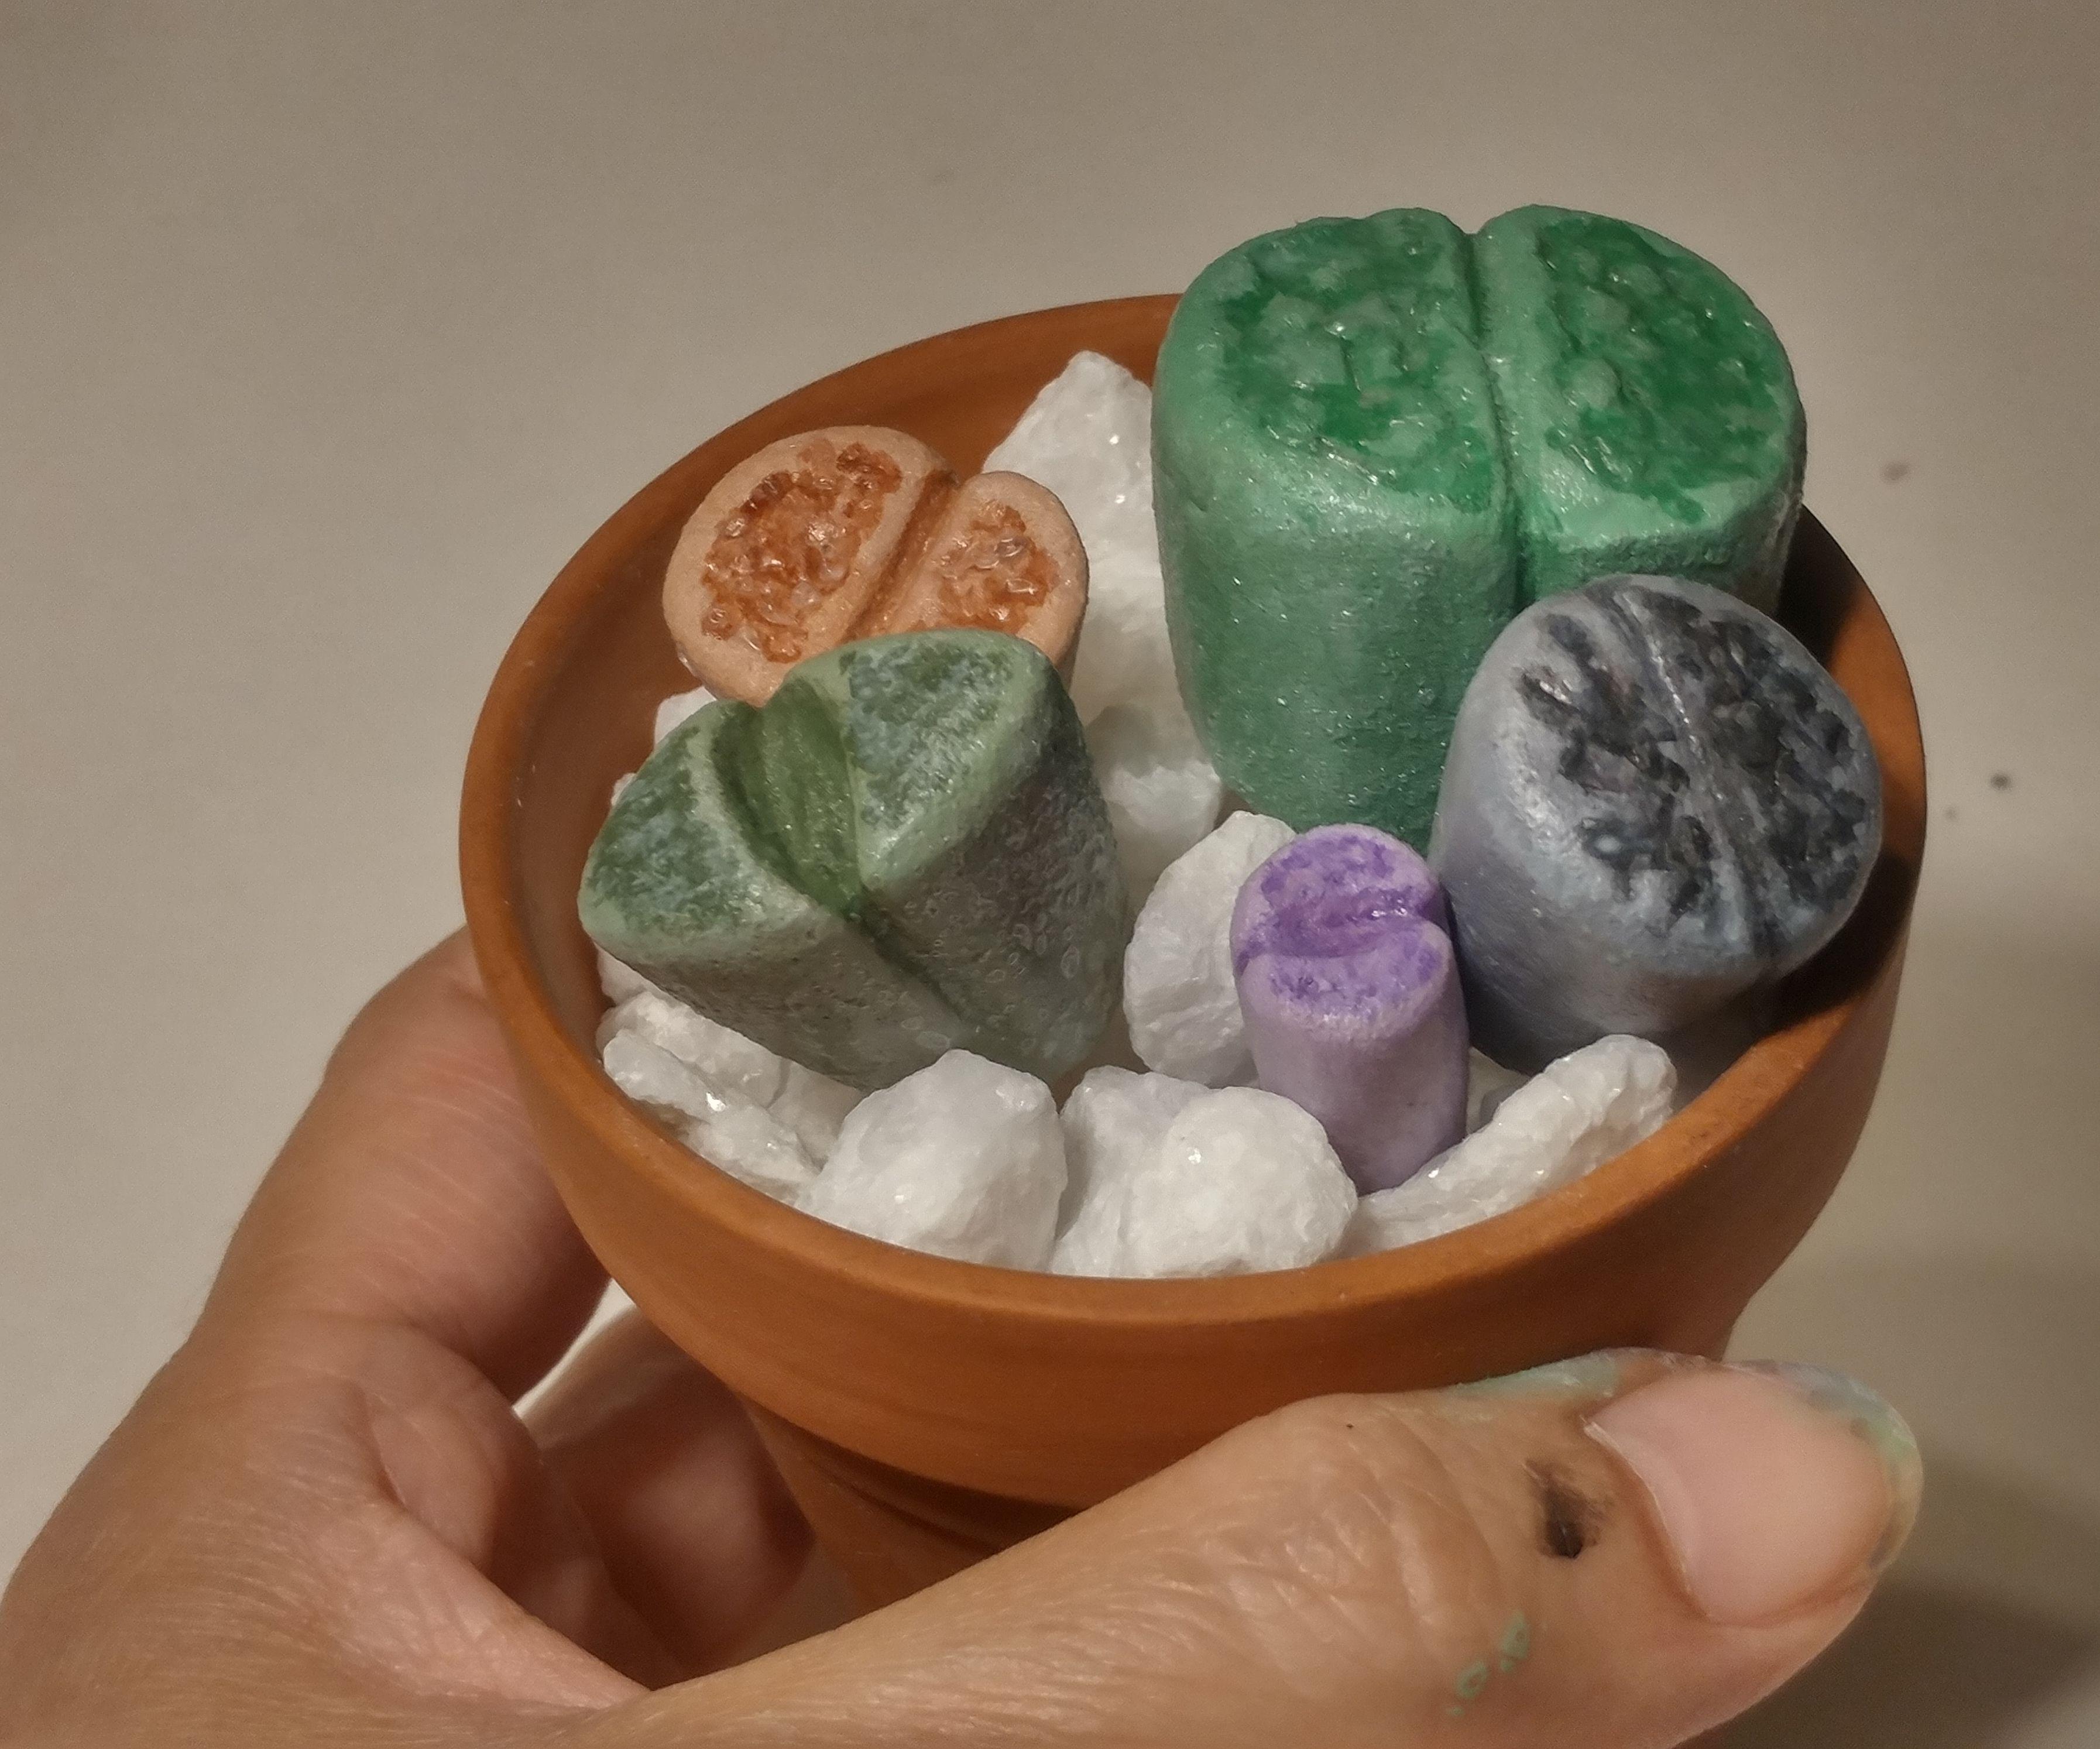 Faux Living Stones (Lithops)